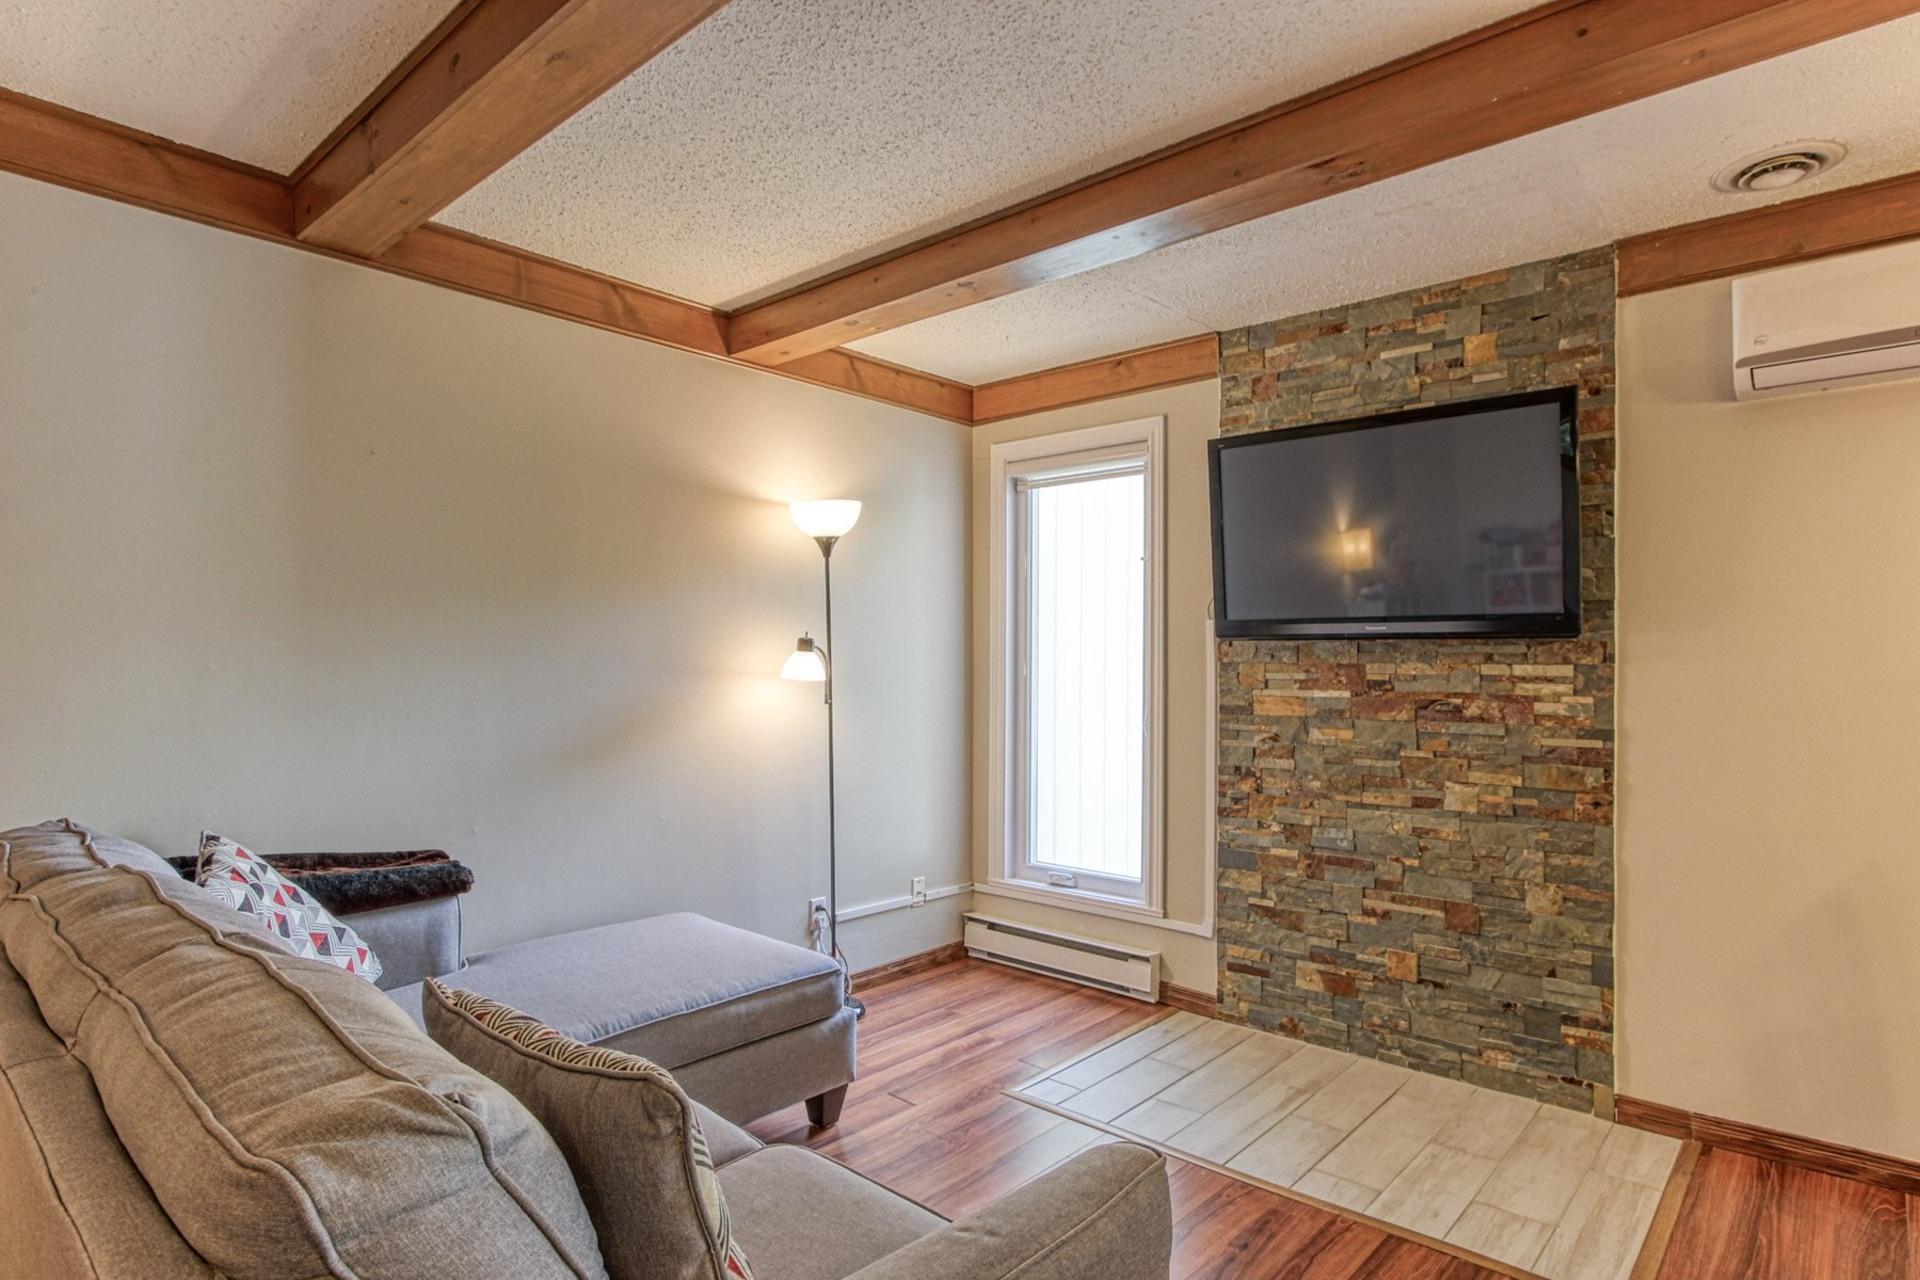 image 7 - Apartment For sale Trois-Rivières - 8 rooms